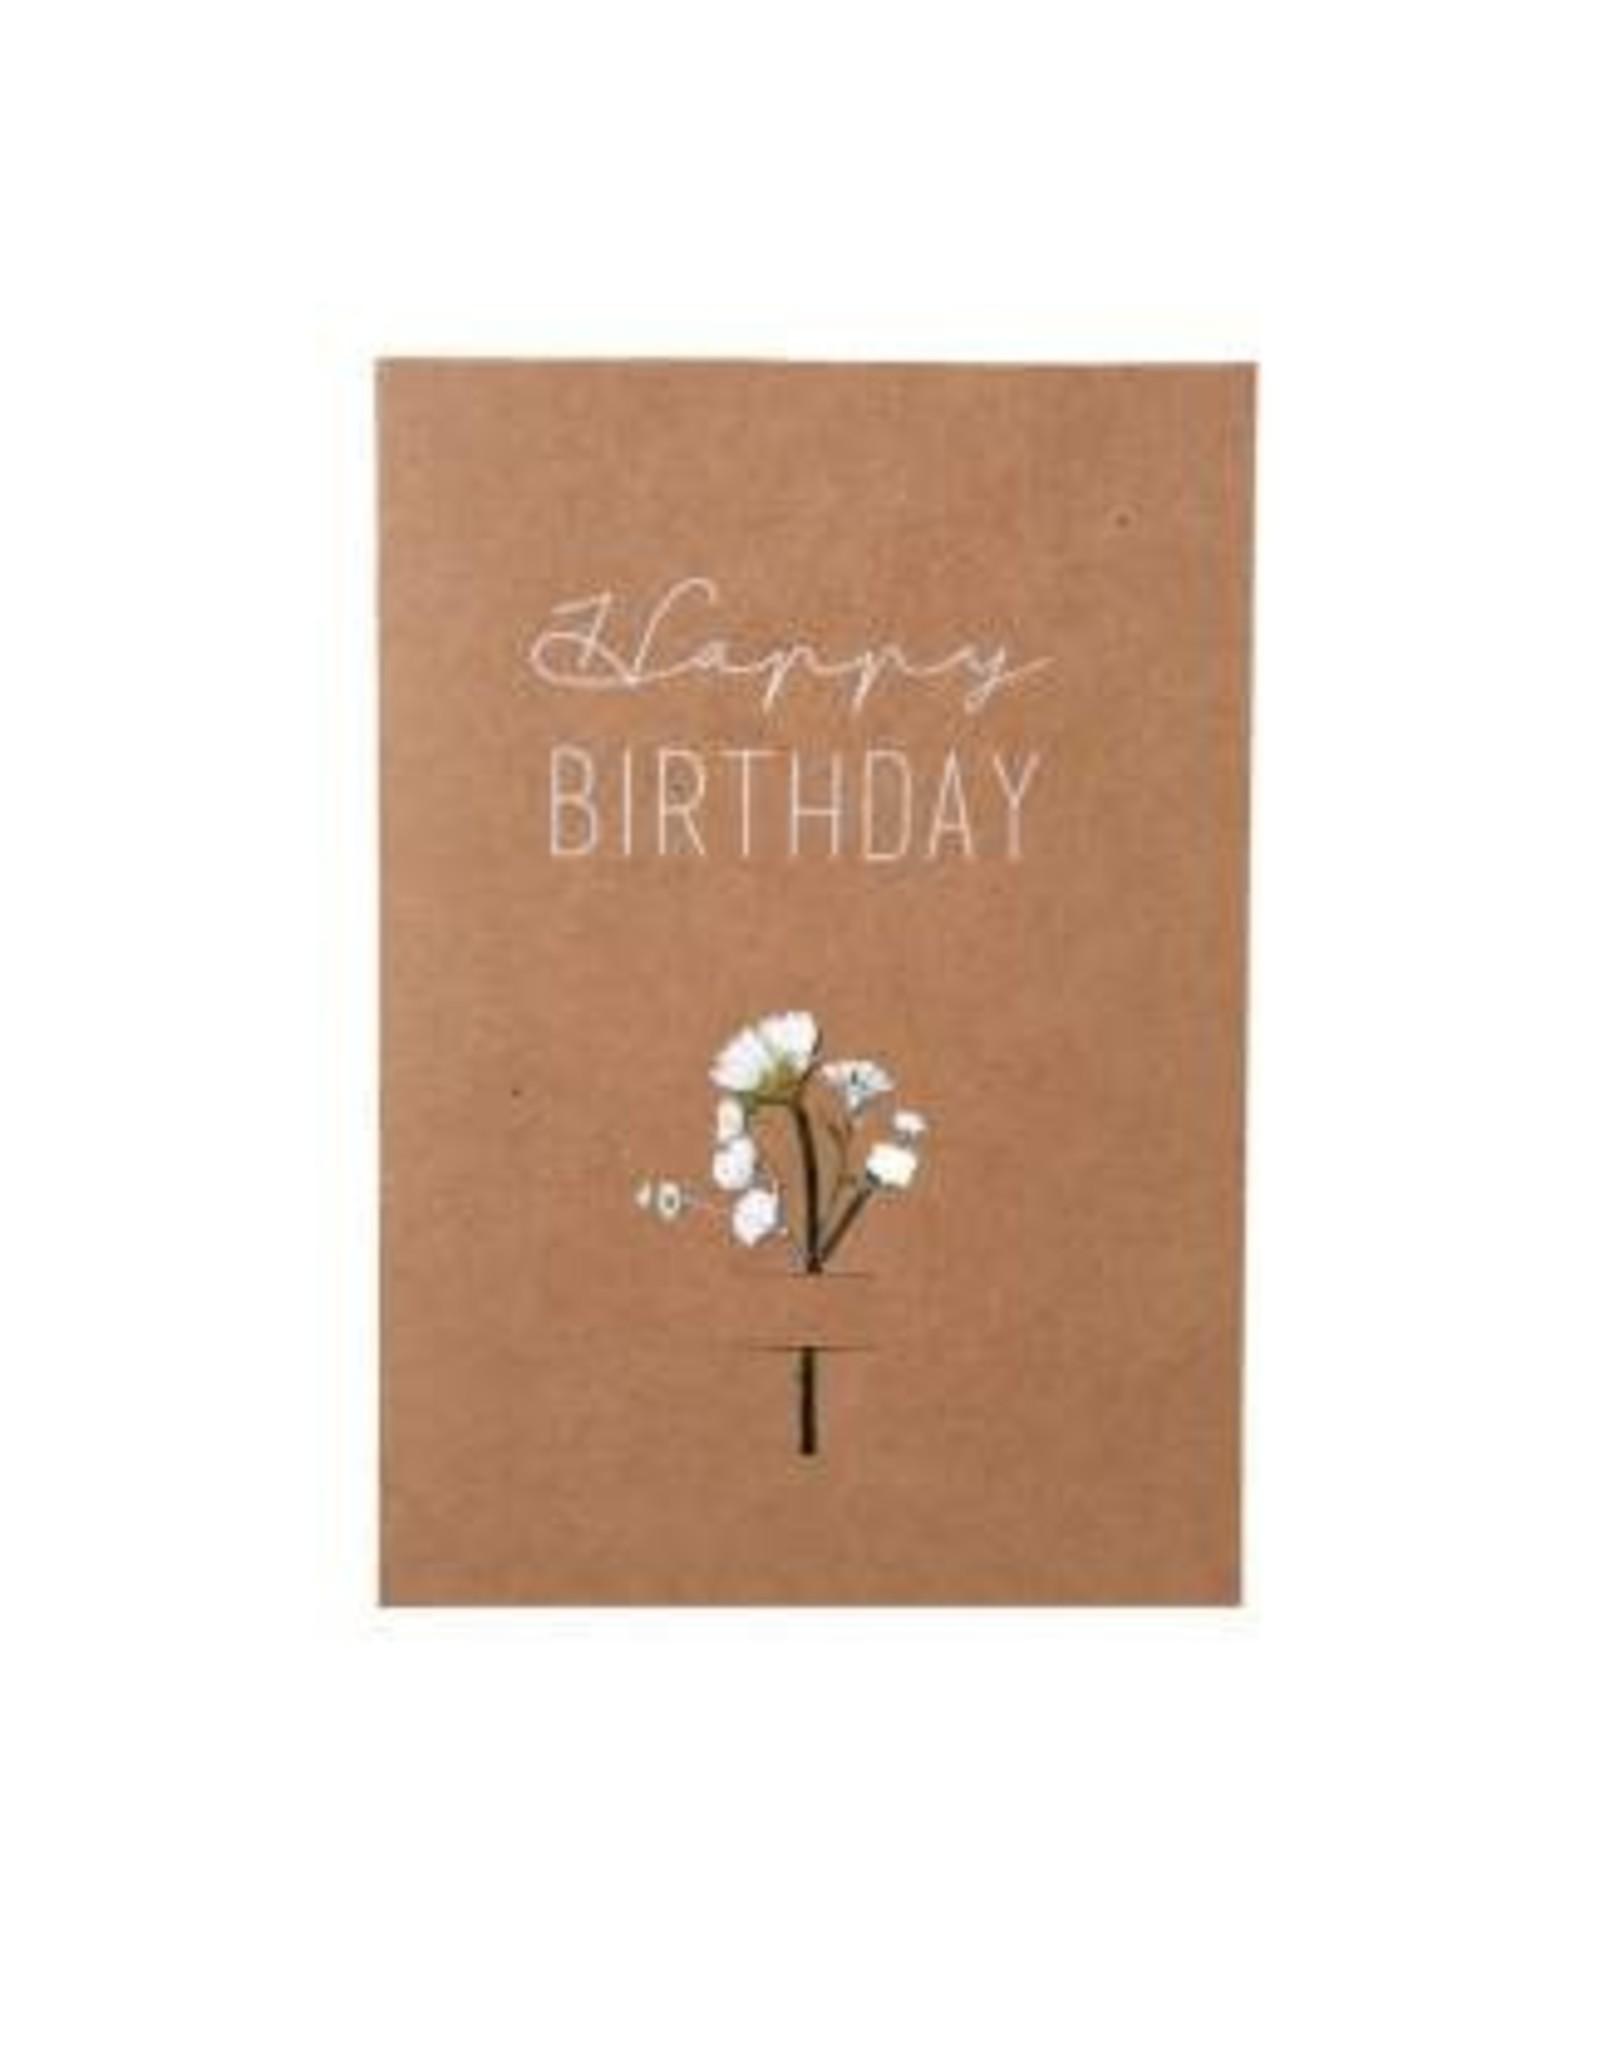 Raeder Wenskaart - Happy Birthday droogbloem wit - dubbele kaart met envelop